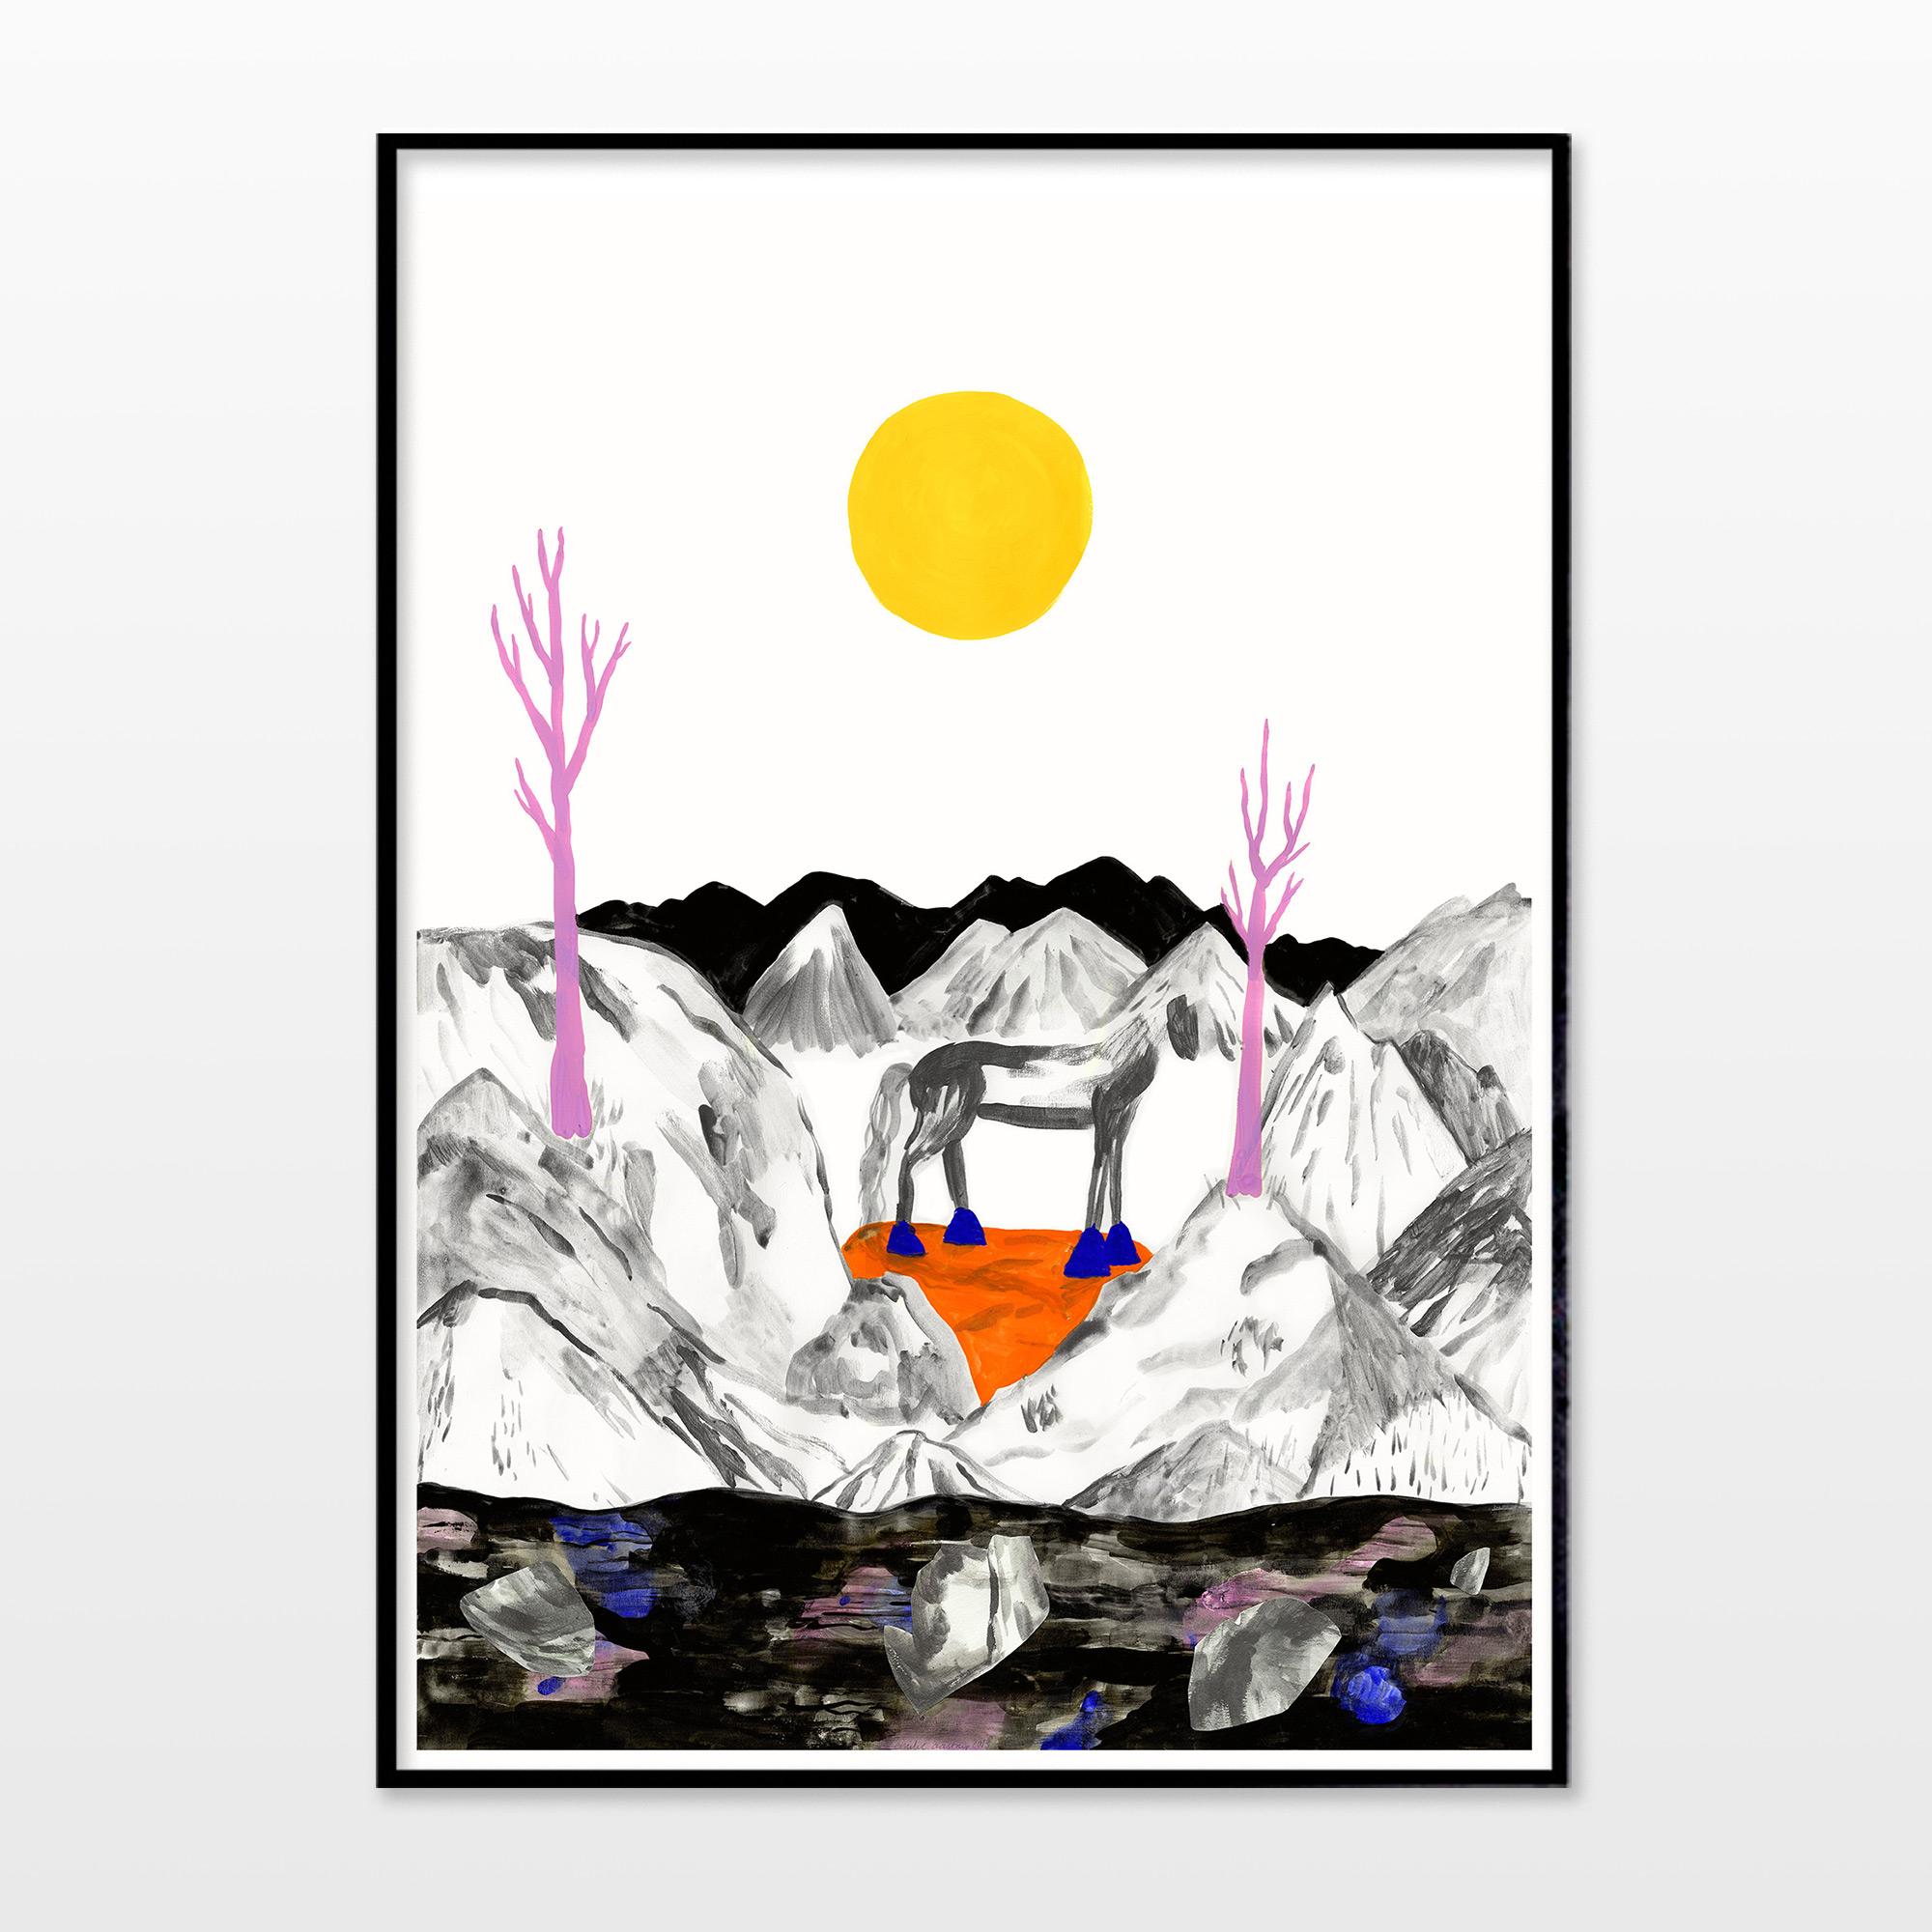 plakater-posters-kunsttryk, giclee-tryk, æstetiske, figurative, illustrative, landskab, minimalistiske, dyreliv, botanik, natur, himmel, vilde-dyr, sorte, grå, gule, blæk, papir, atmosfære, smukke, samtidskunst, dansk, dekorative, design, skov, heste, interiør, bolig-indretning, moderne, moderne-kunst, nordisk, plakater, tryk, skandinavisk, sol, Køb original kunst og kunstplakater. Malerier, tegninger, limited edition kunsttryk & plakater af dygtige kunstnere.